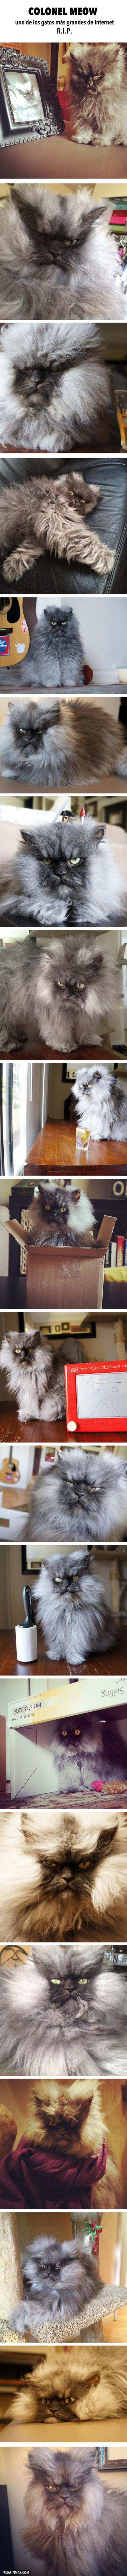 Colonel Meow, uno de los gatos más grandes de Internet